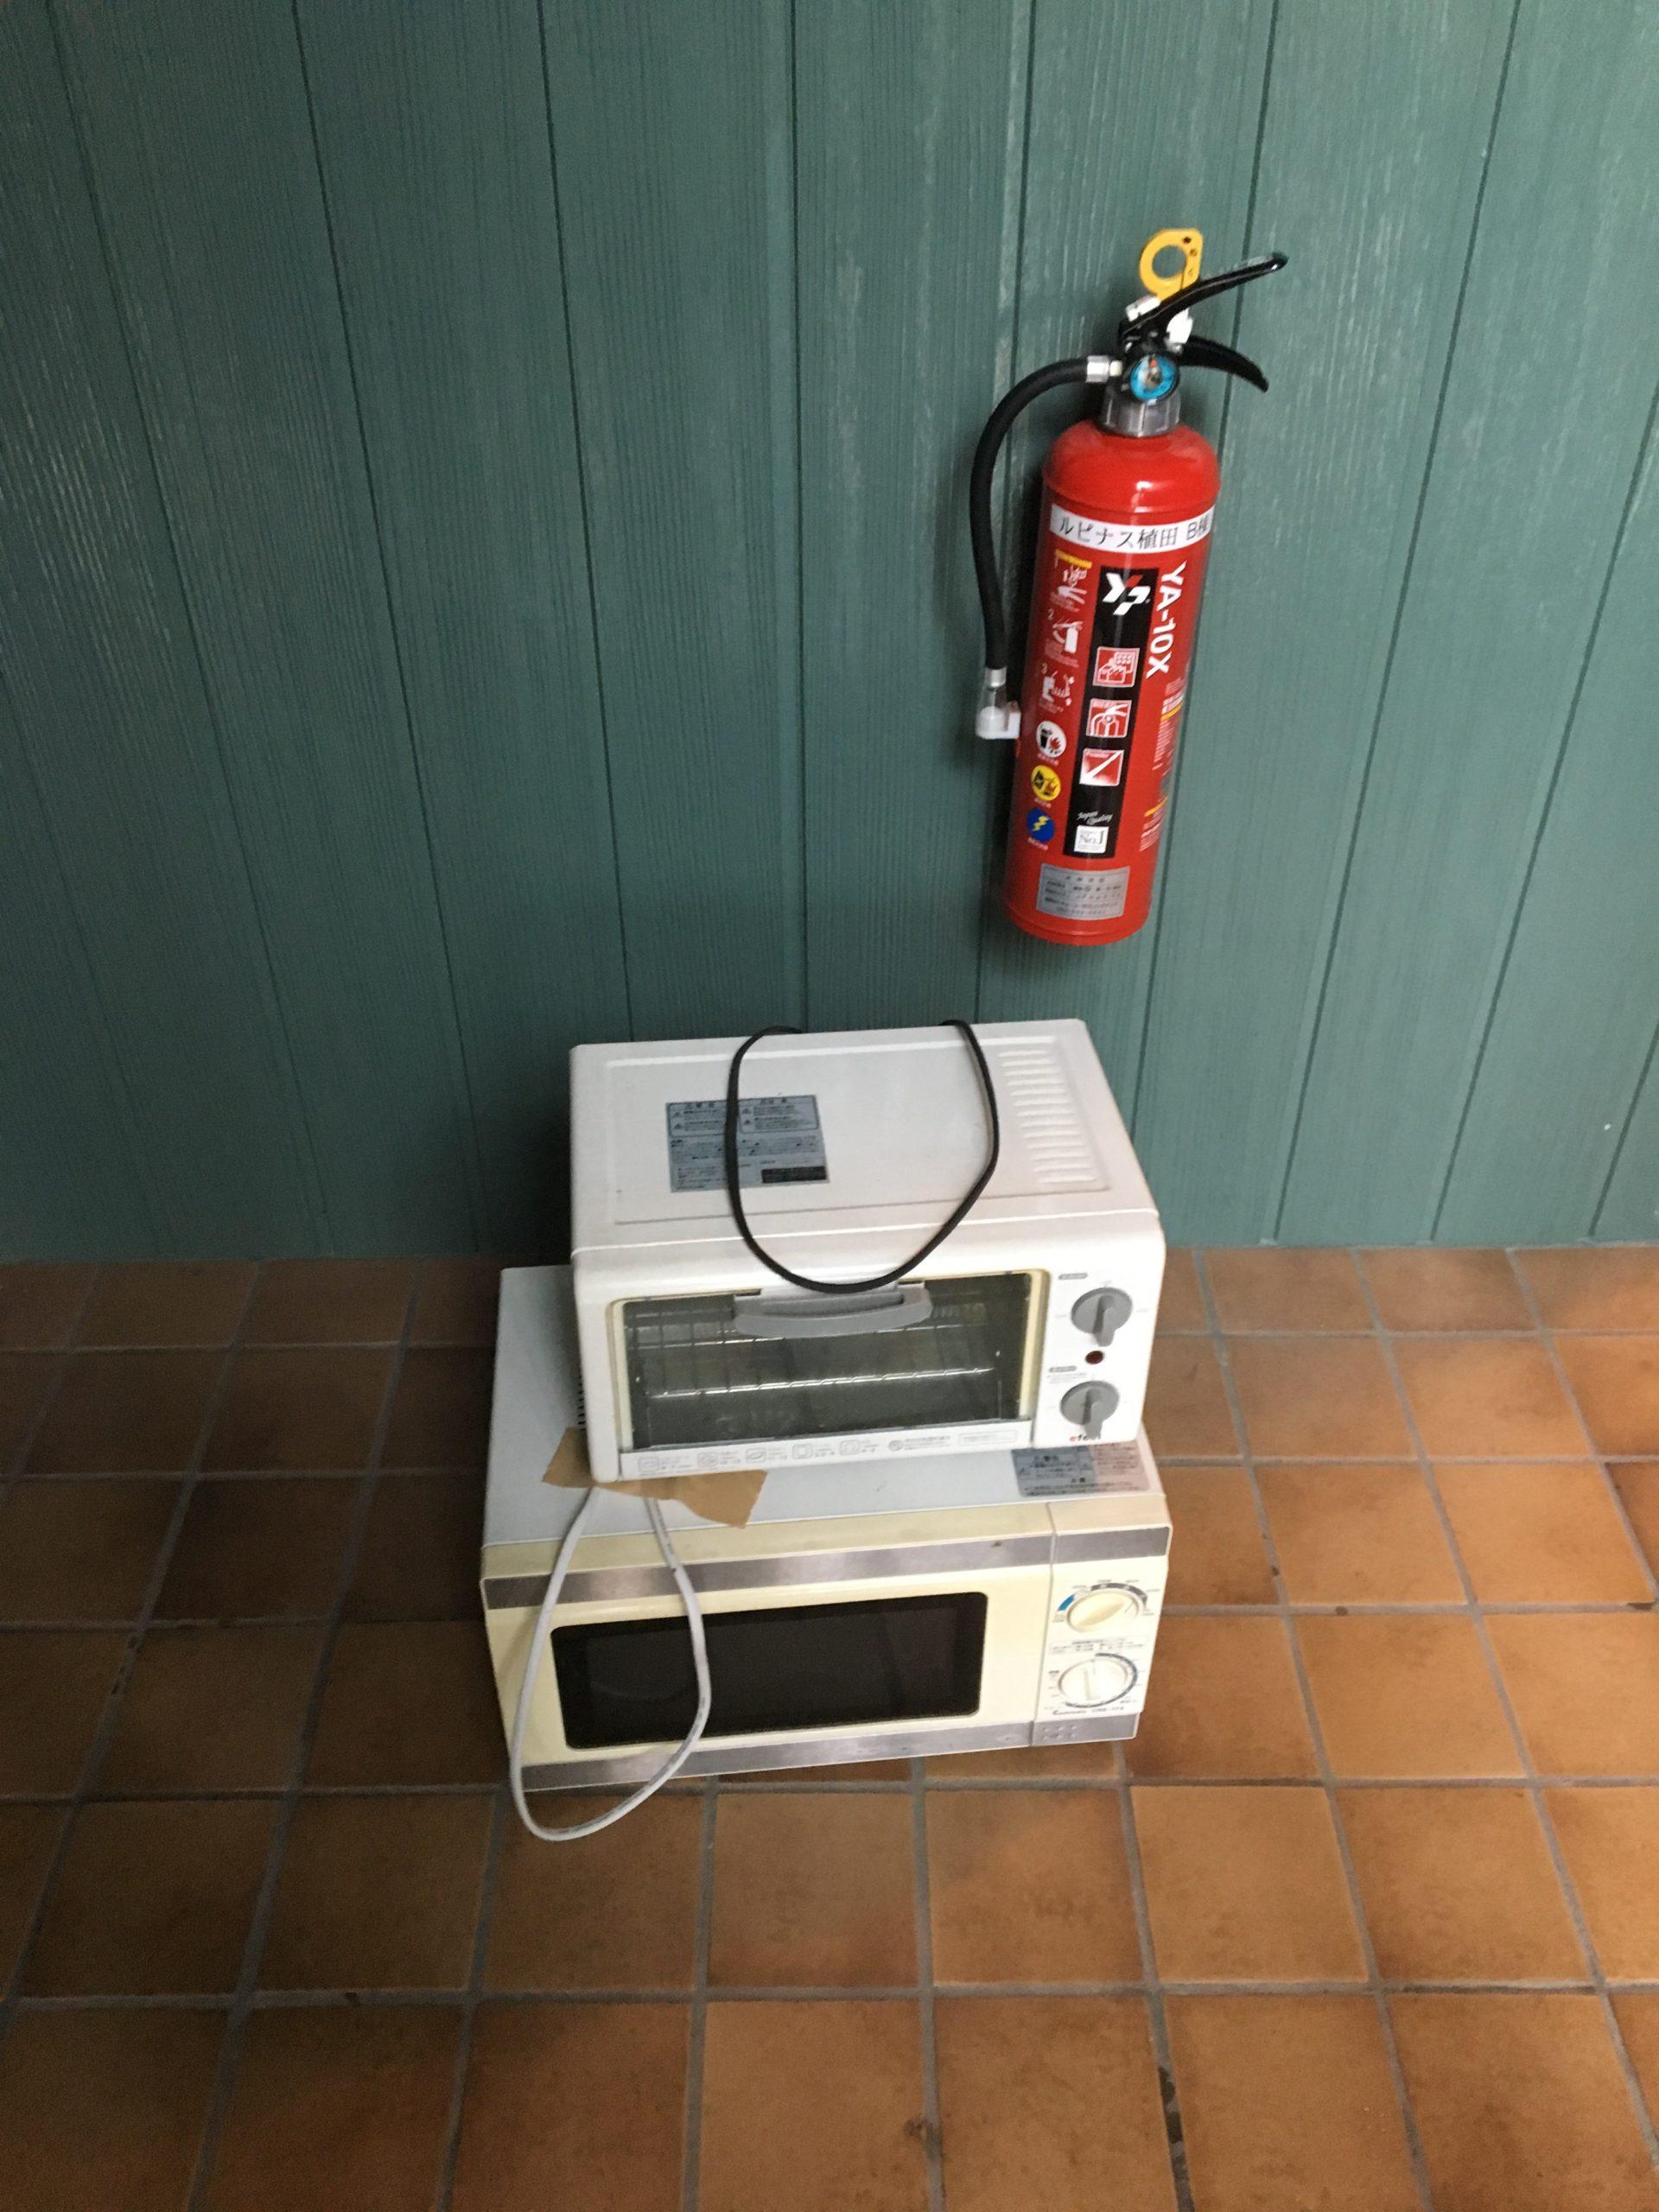 【愛知県名古屋市守山区】買い替えに伴う電子レンジ・トースターの処分